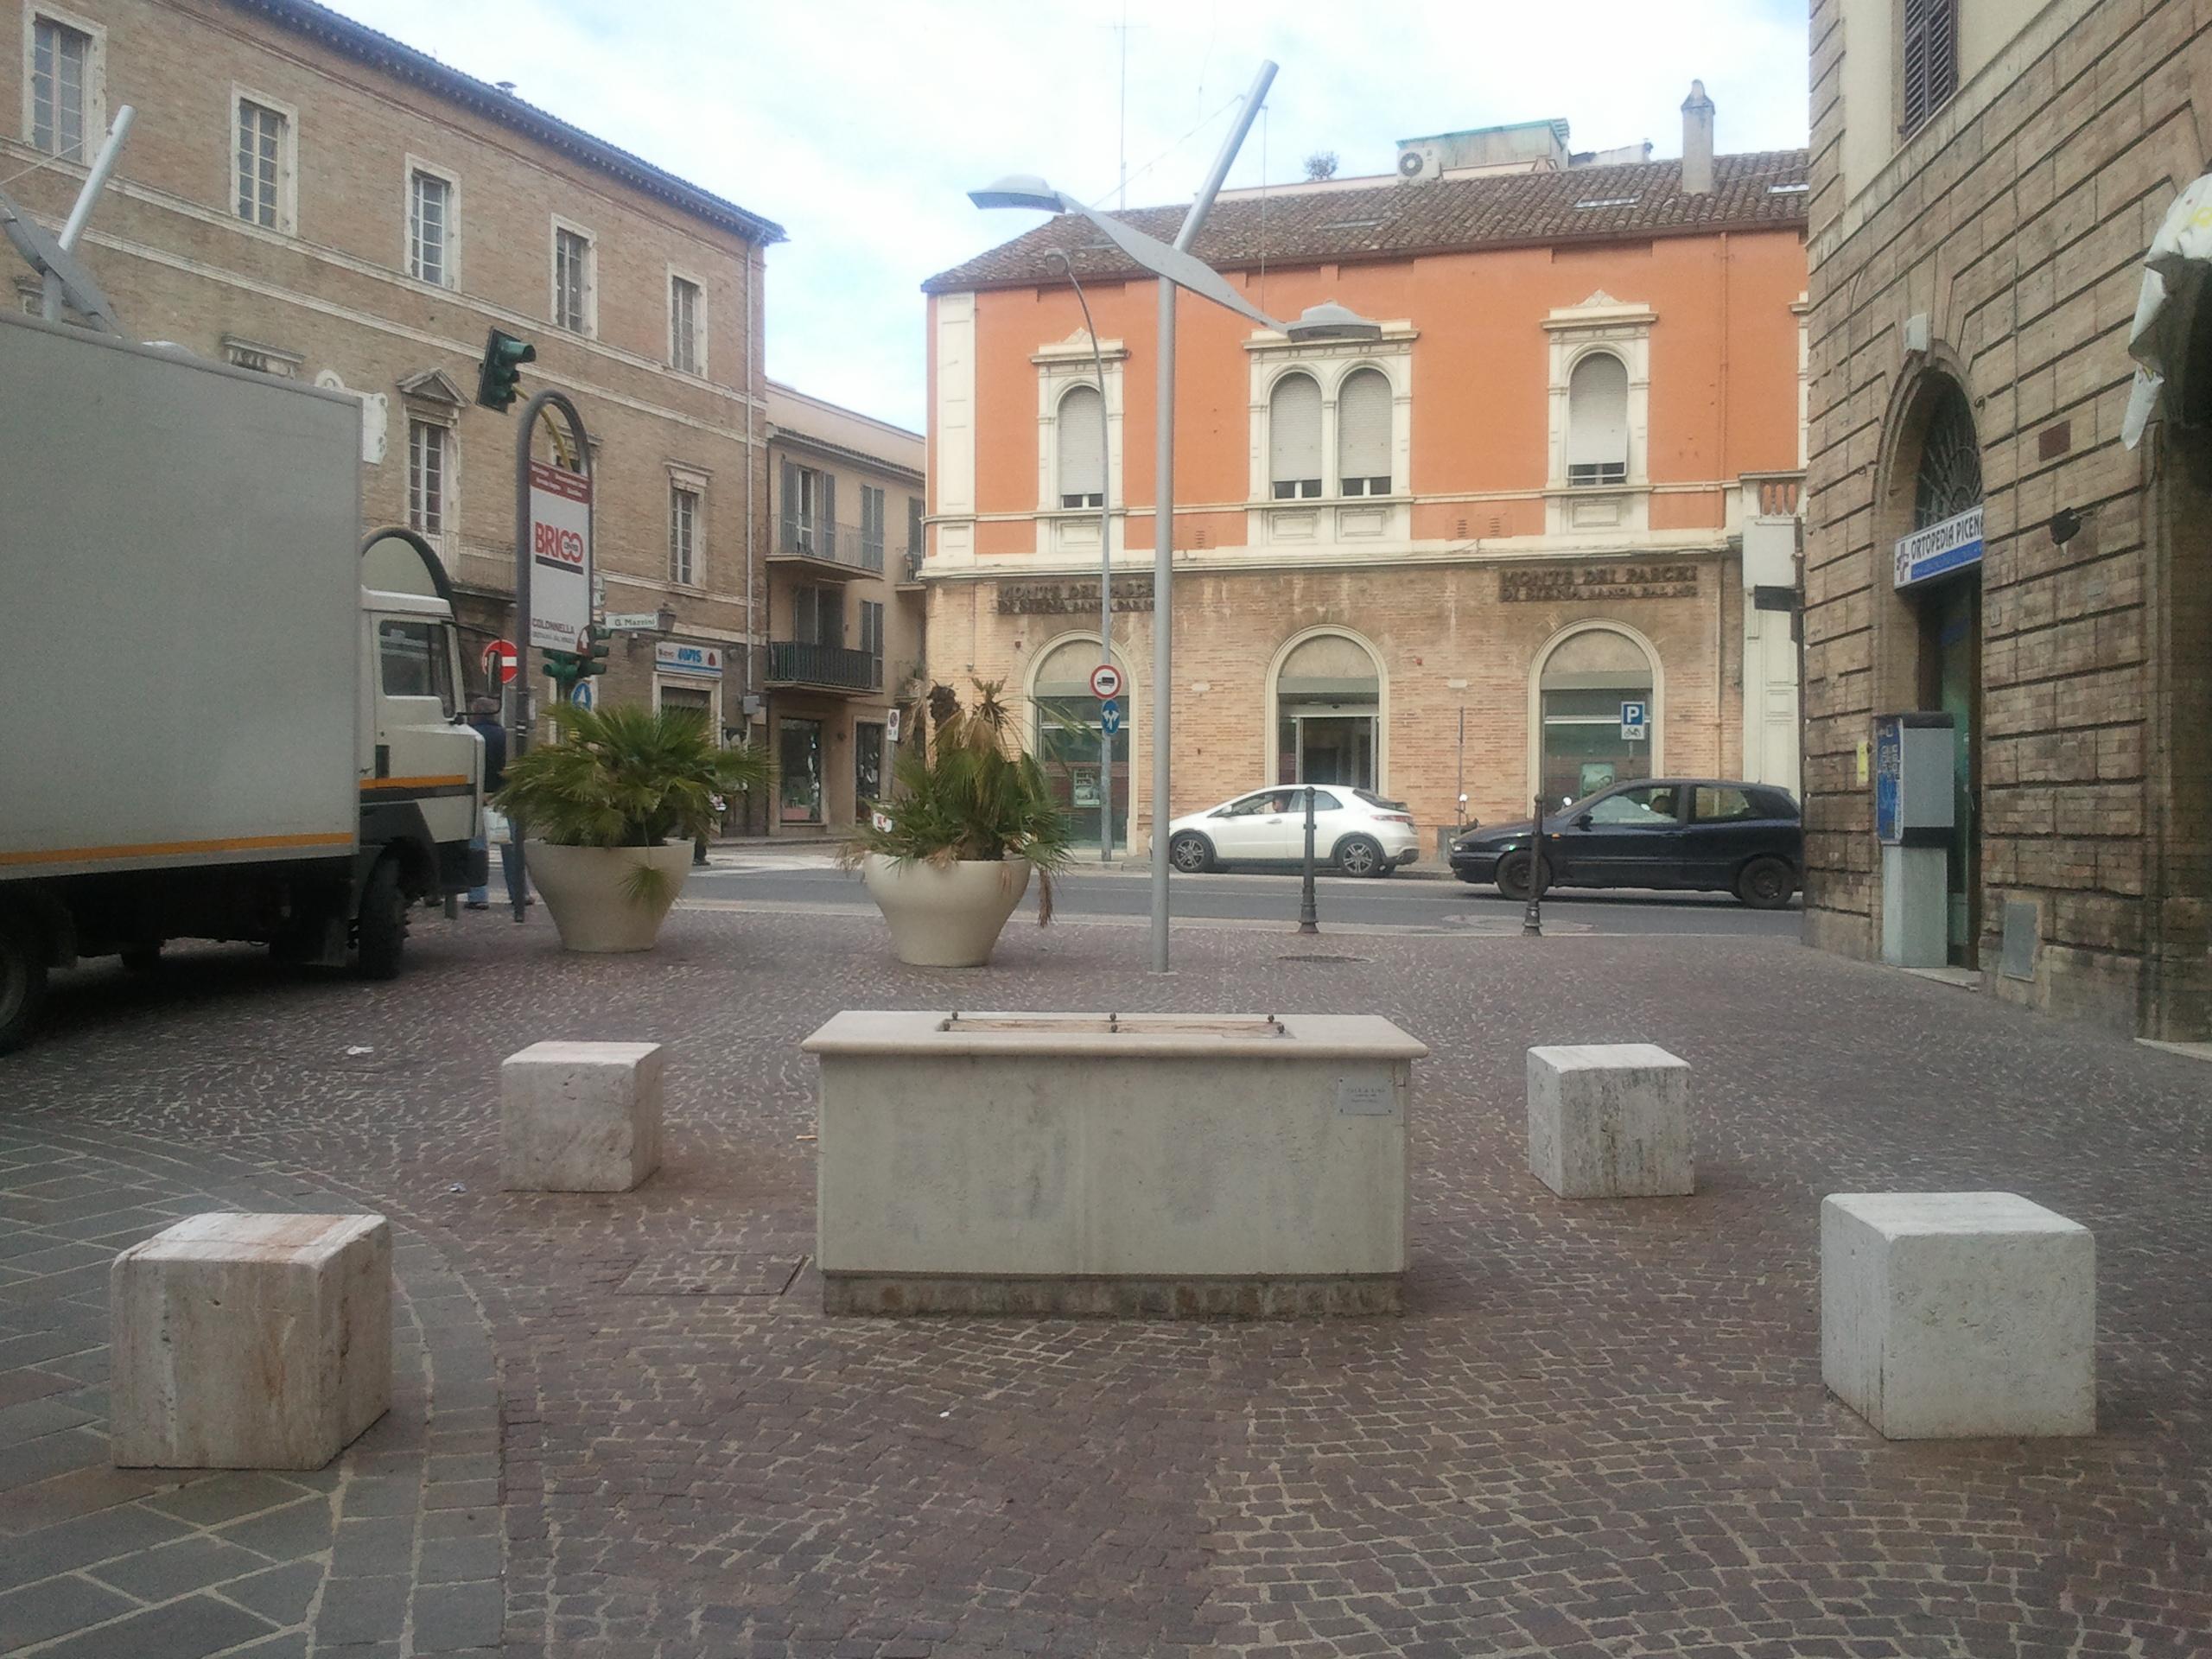 Il basamento privo della statua - foto del 22/05/2012